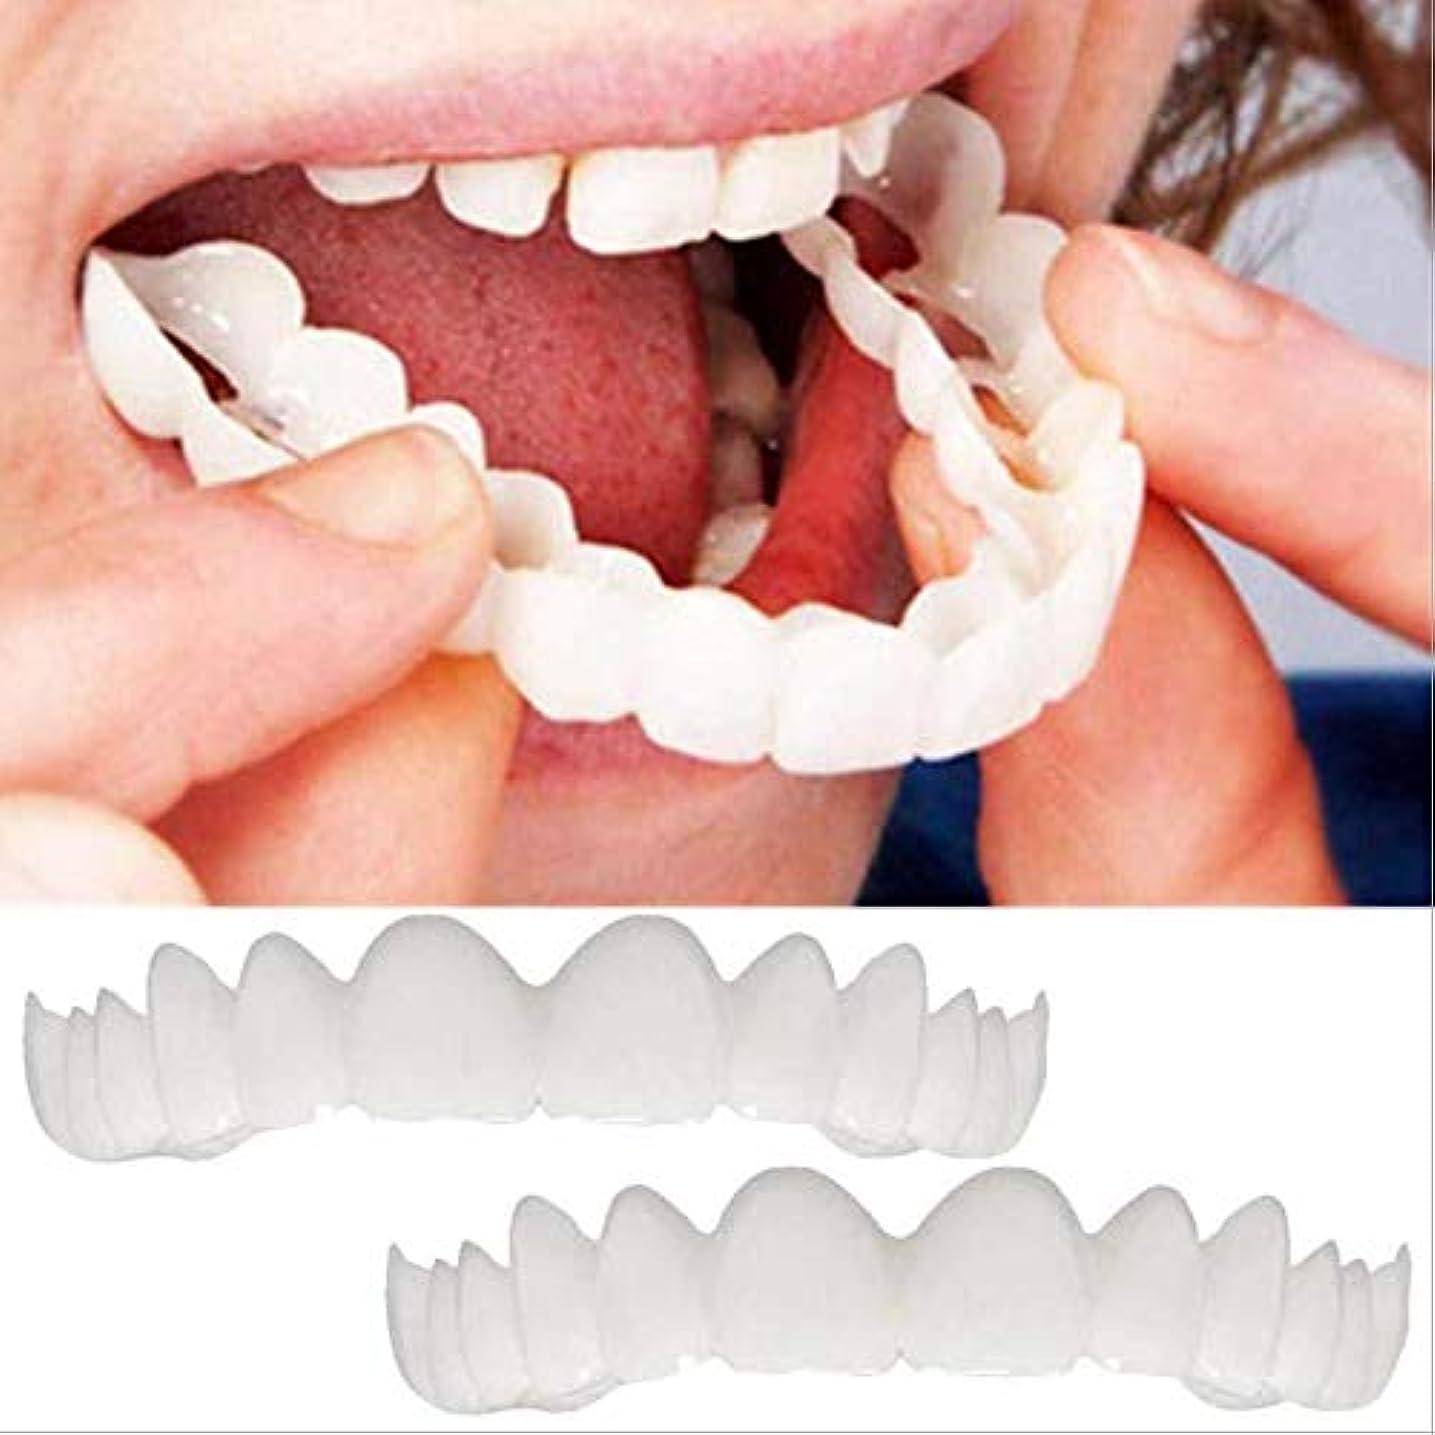 受け取る頑張る退化するシリコーンシミュレーション義歯用化粧歯、白歯セット(2PCS)で覆われています,A